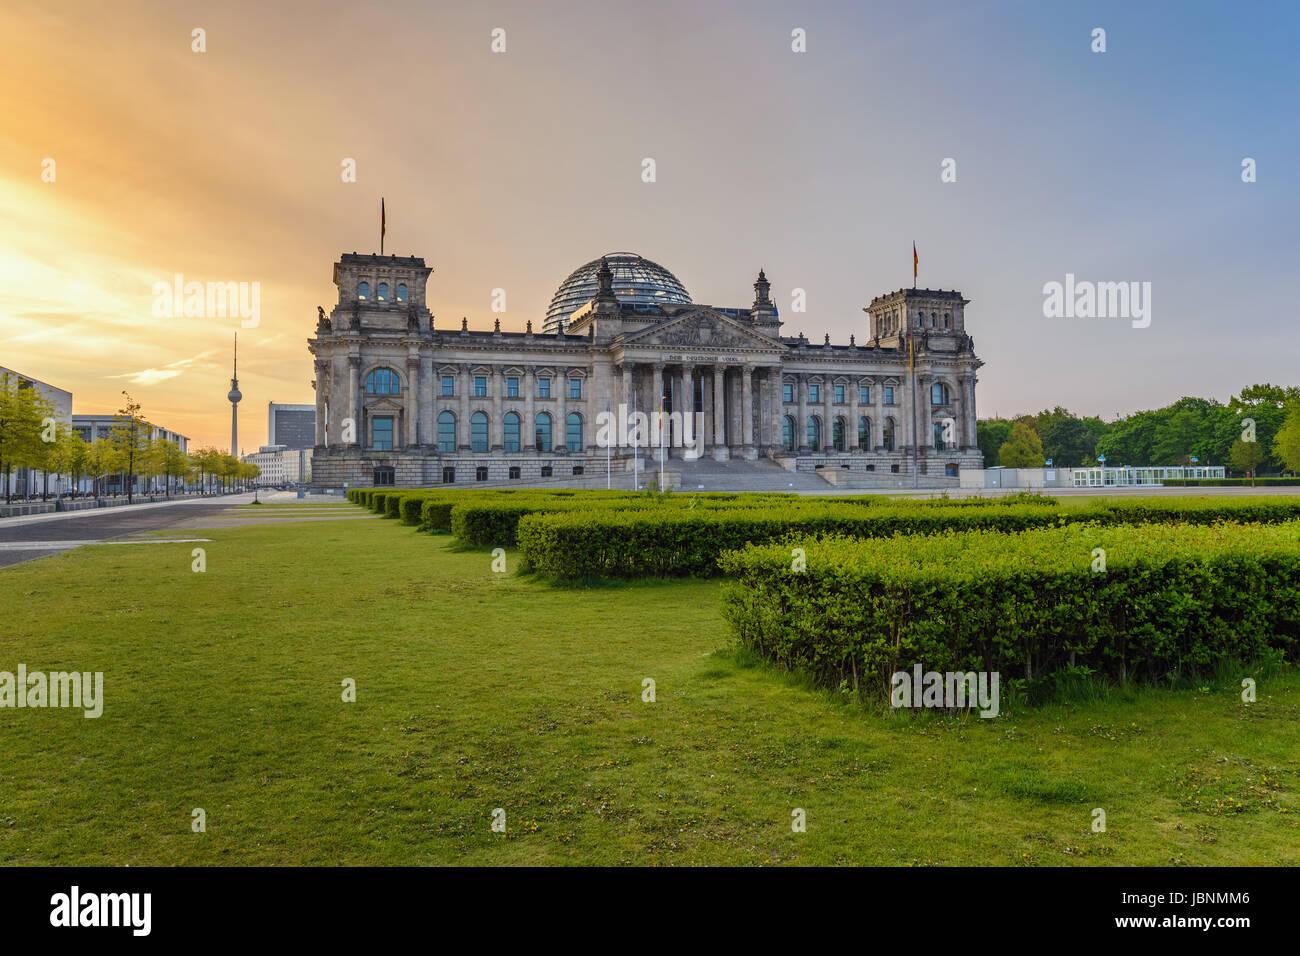 Reichstag de Berlín (edificio del parlamento alemán) al amanecer, Berlín, Alemania Imagen De Stock